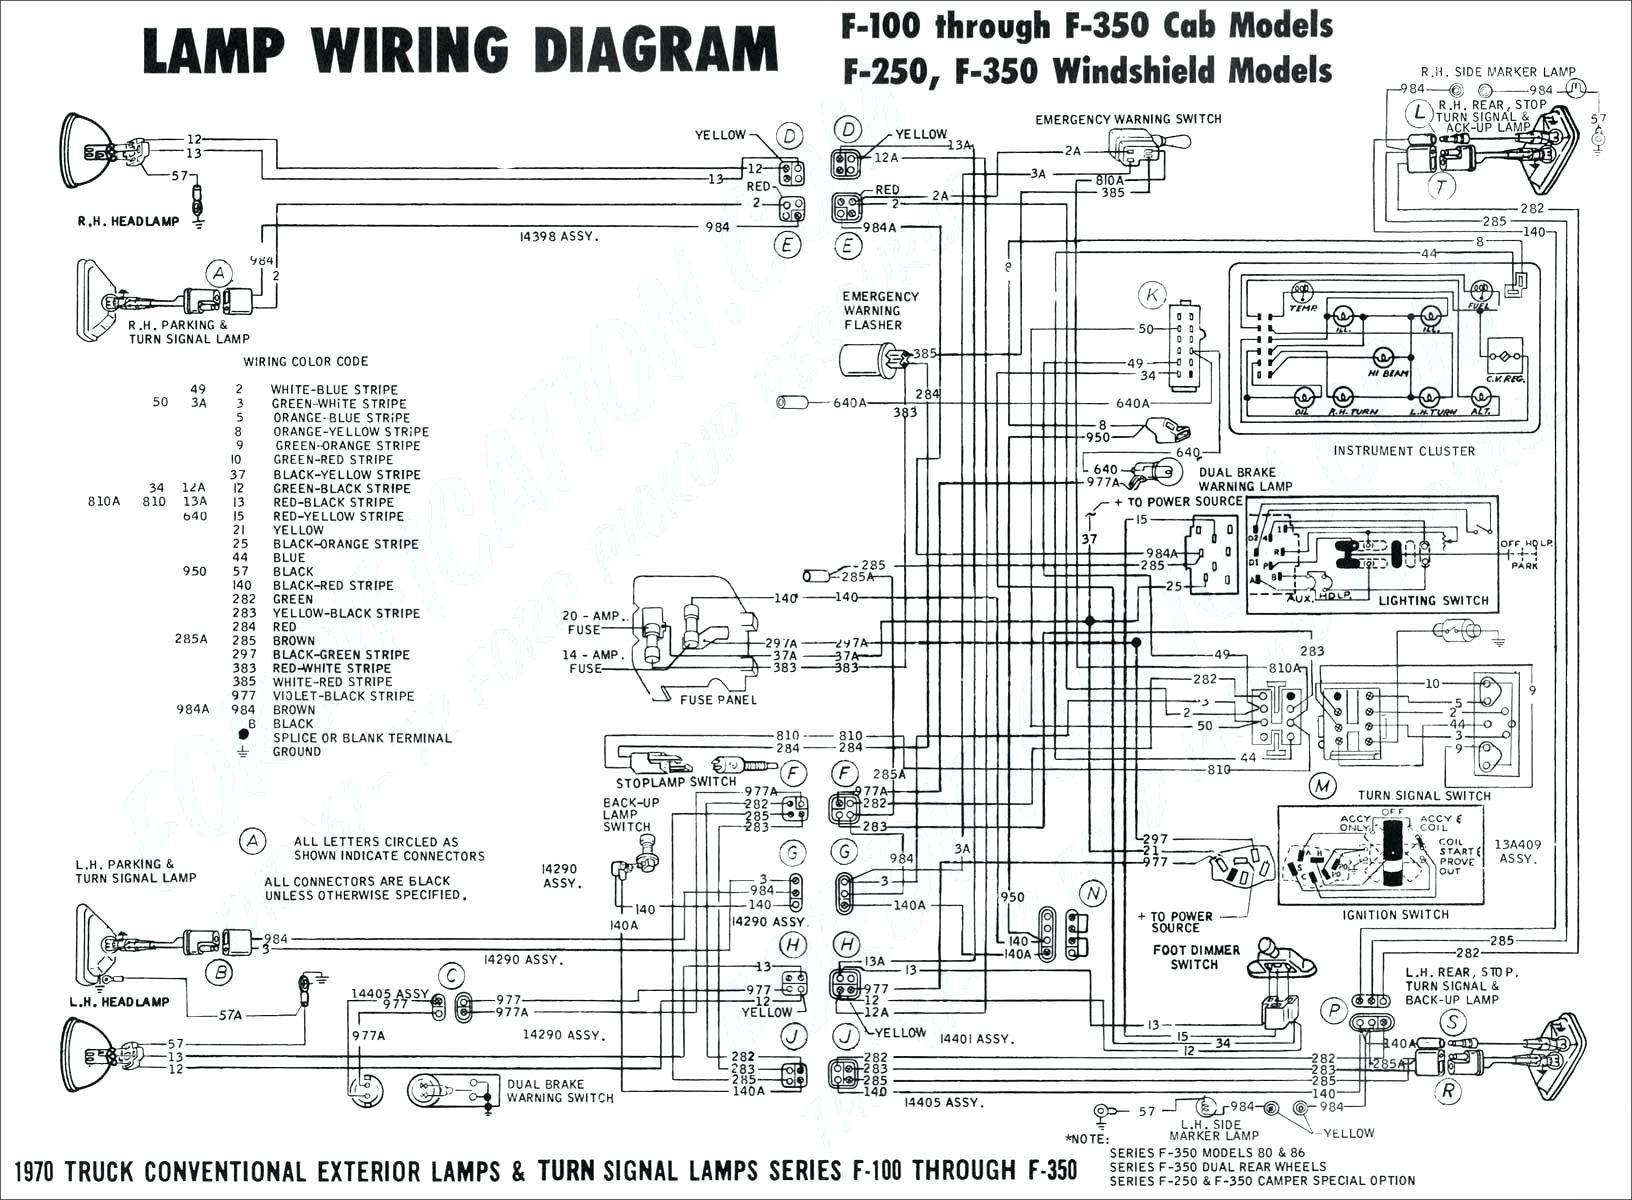 Yamaha F250 Wiring Diagram : 1987 Ford F250 L6 Fuel